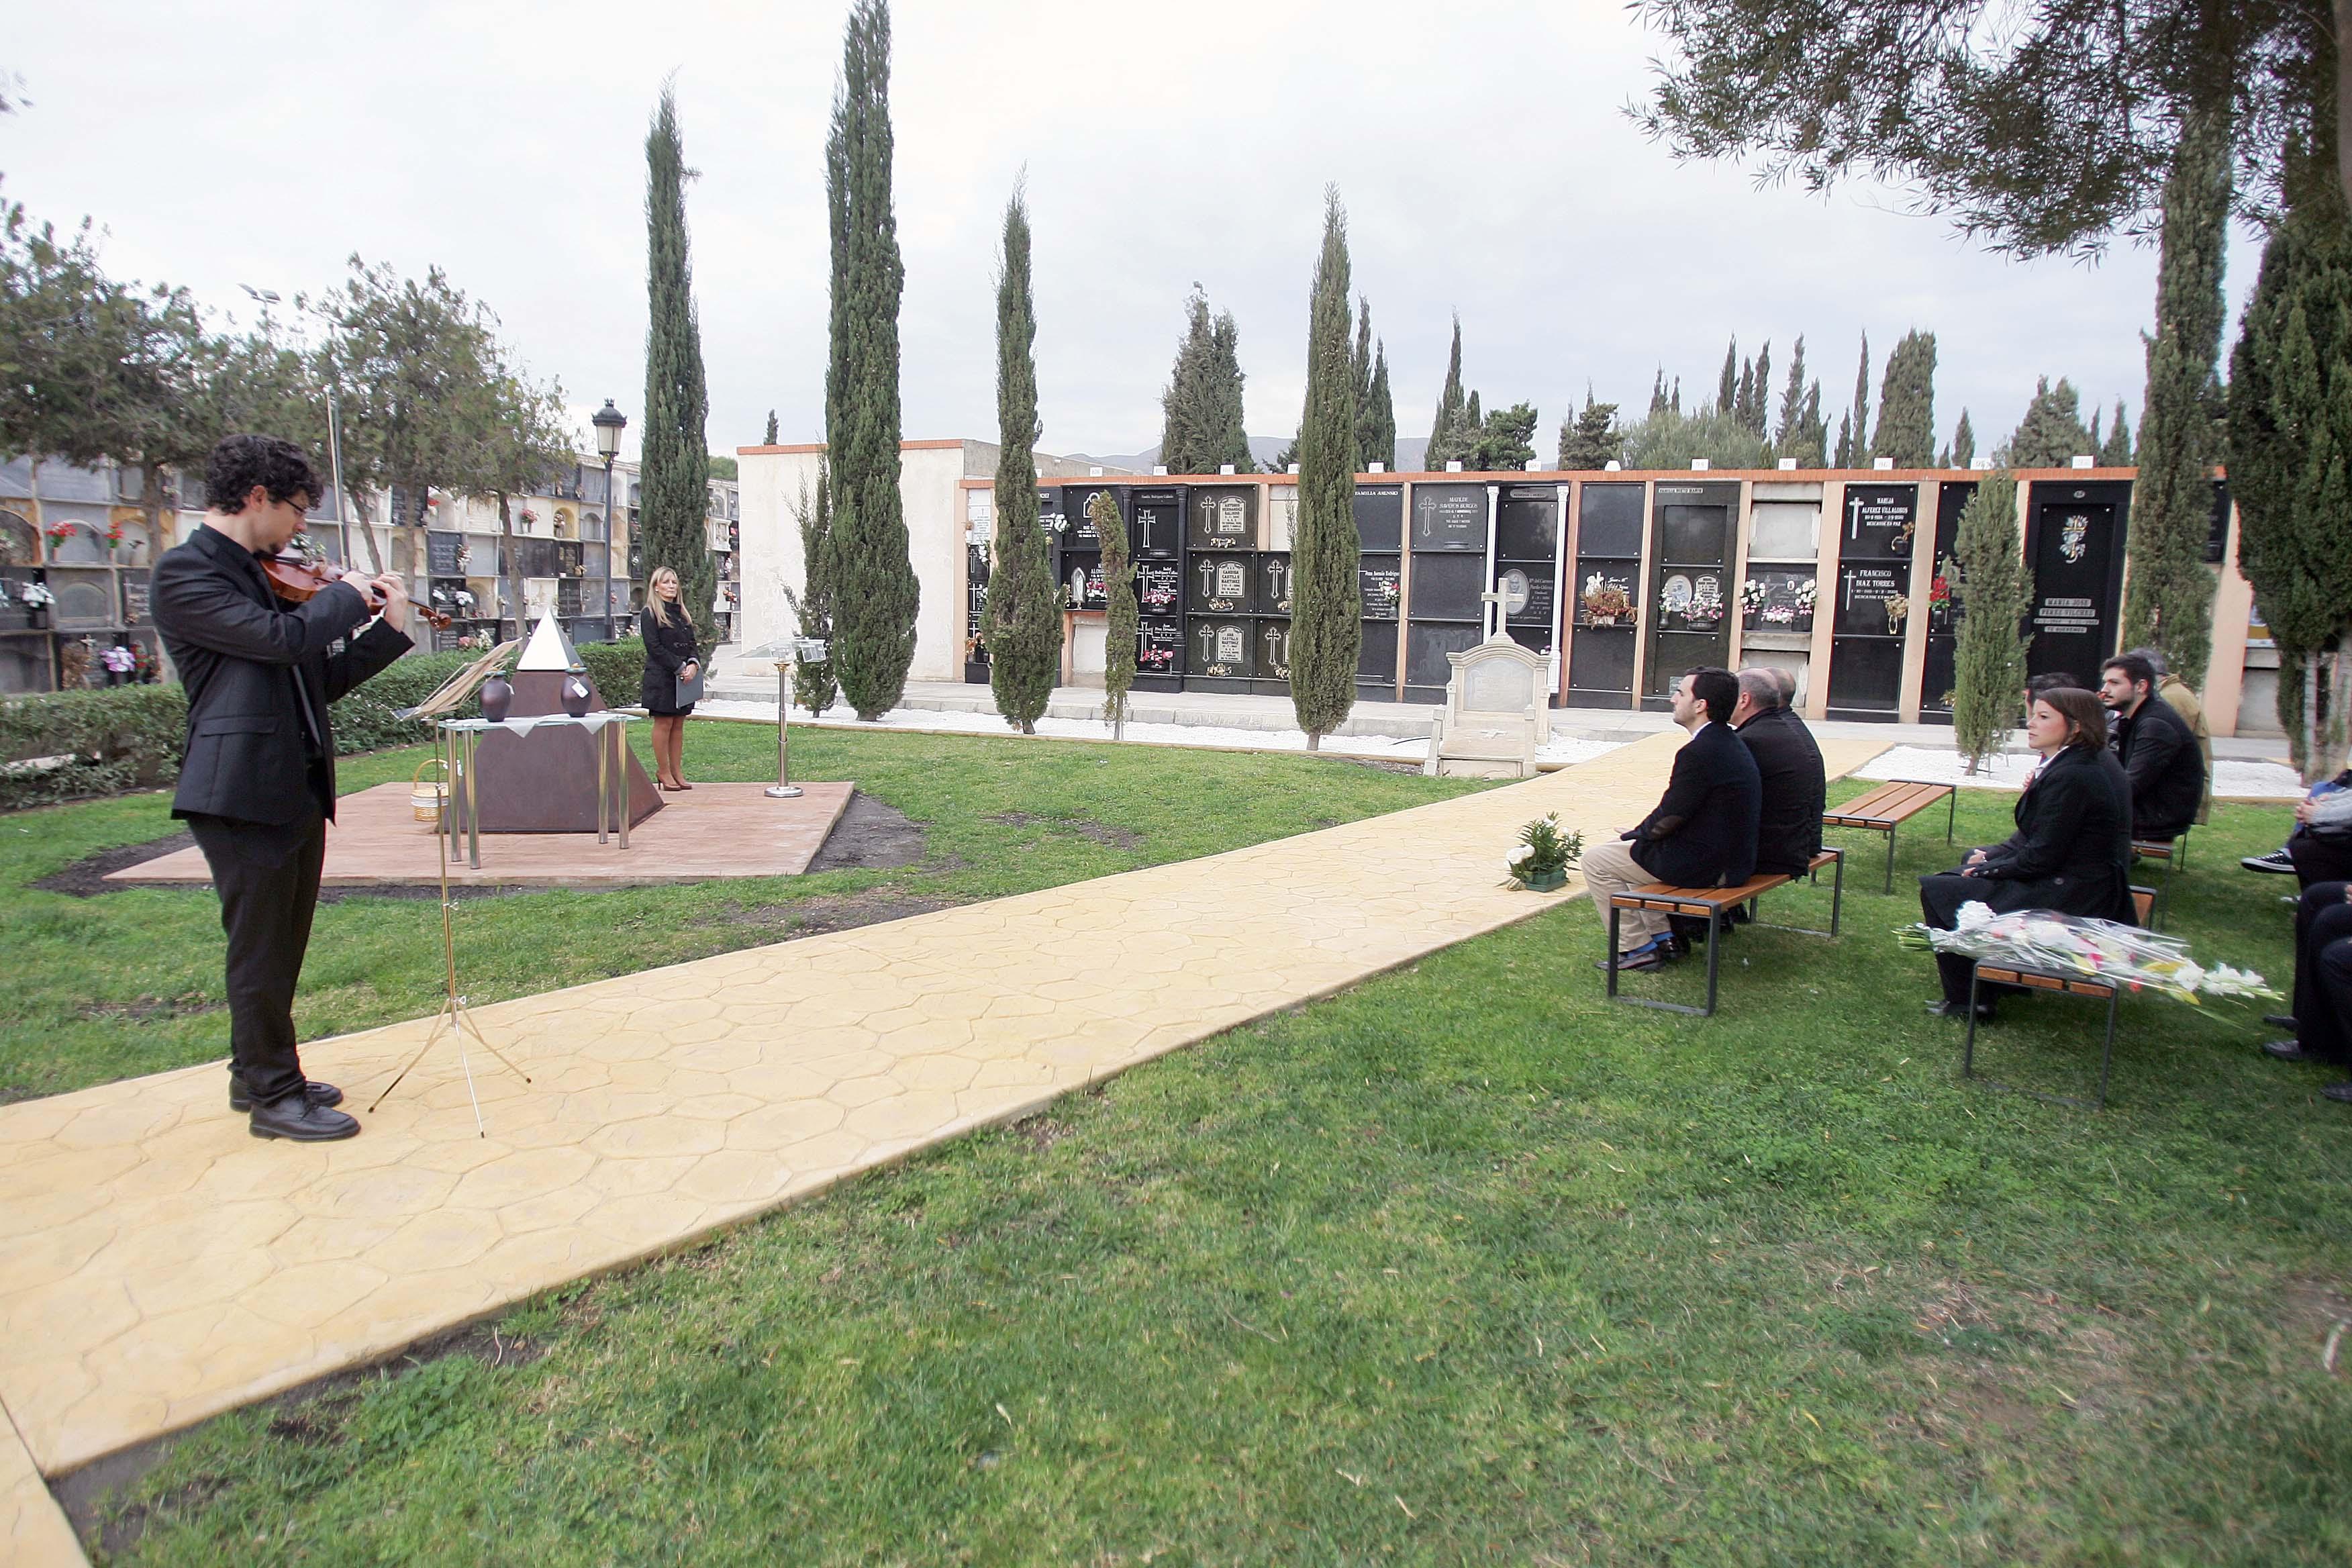 Ciudadano a archivo r quiem por la concesi n funeraria for Cementerio parque jardin del sol pilar